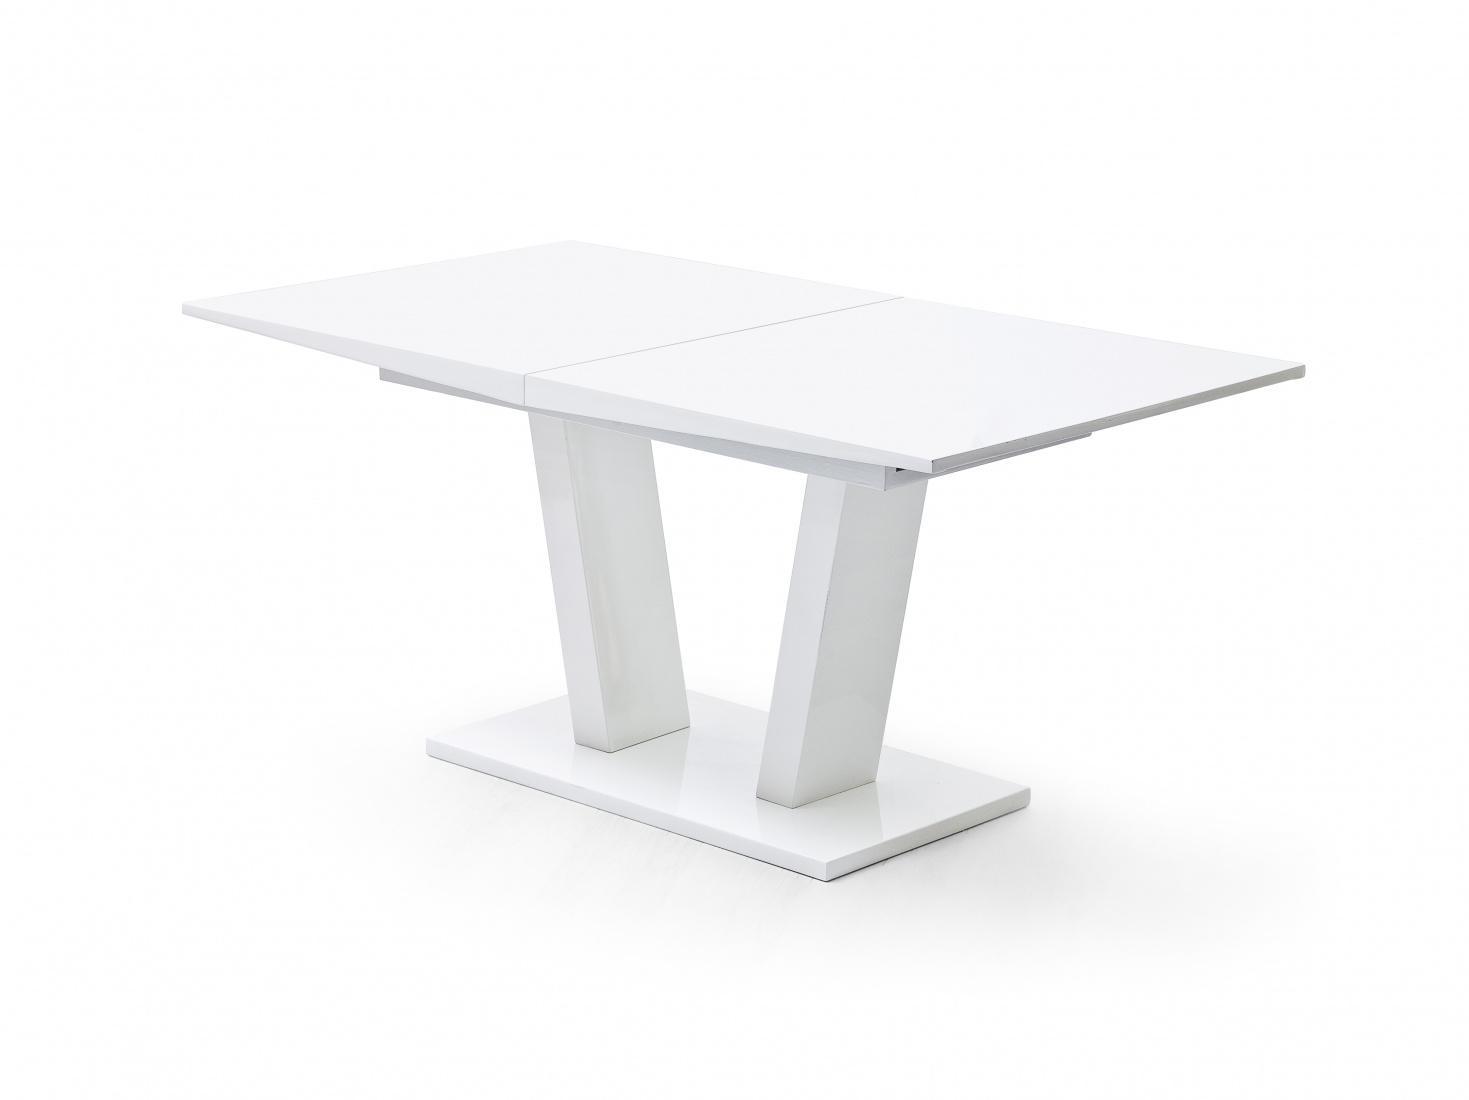 Tiri Esstisch 160x90 Ausziehbar Mit Synchronauszug Weiß Kaufen Bei